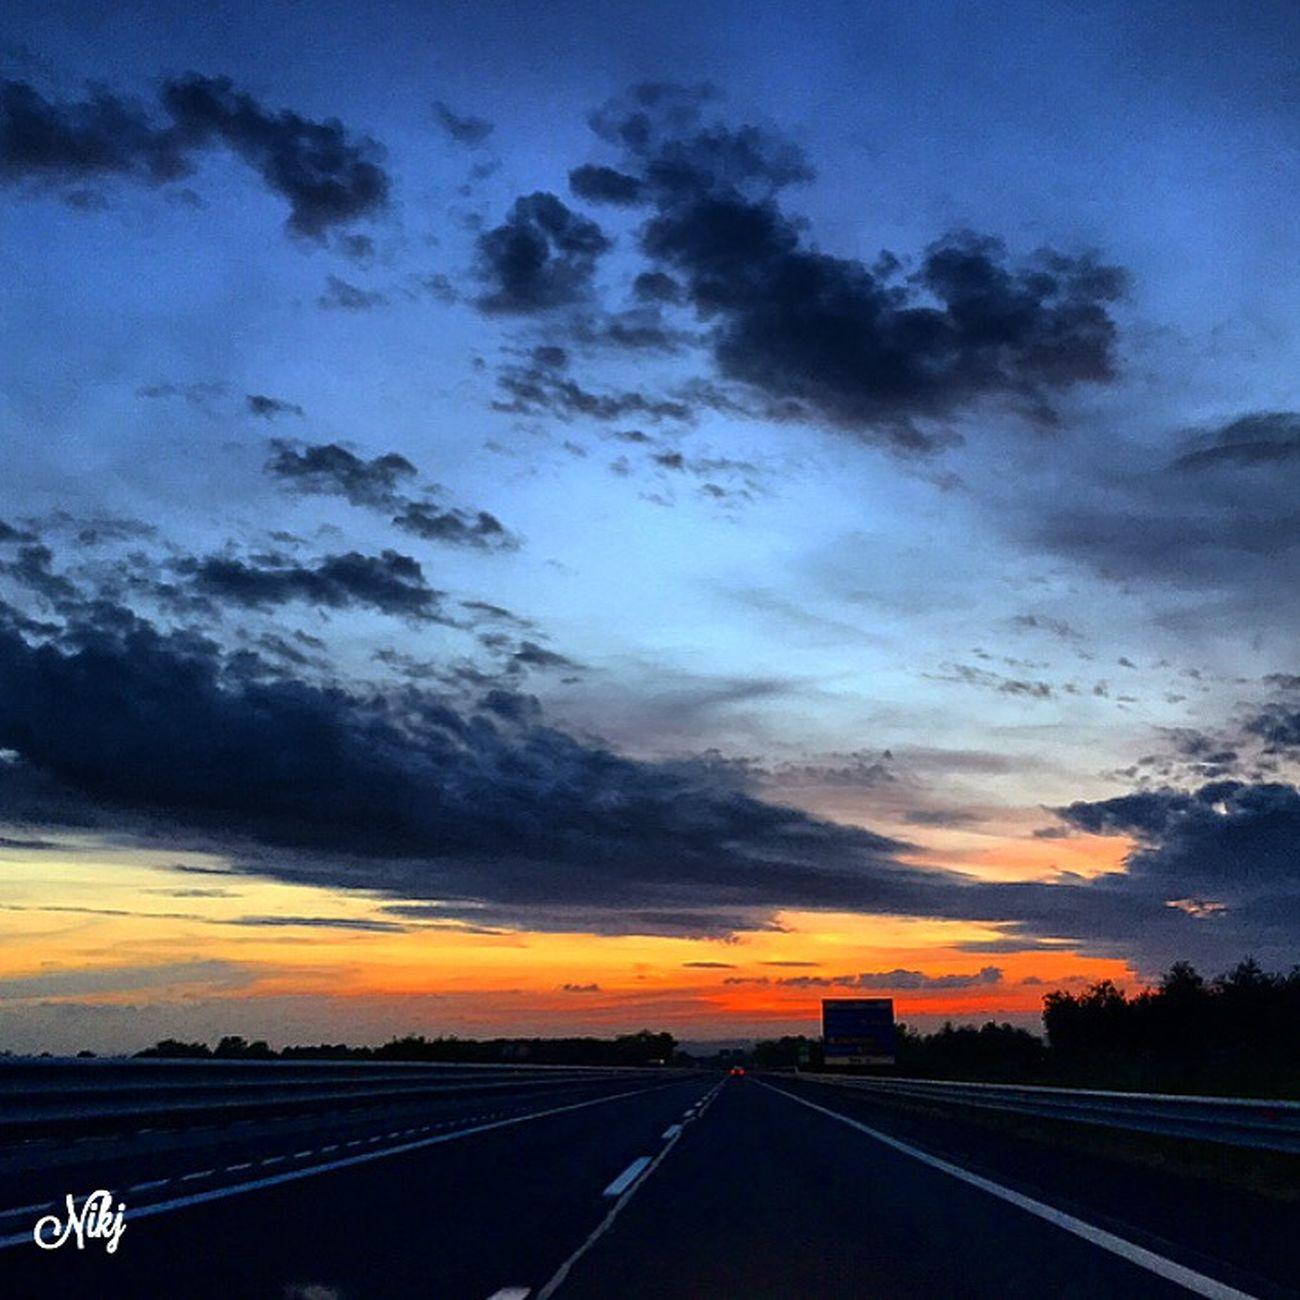 http://youtu.be/IIBt1hiKCCA 🎶Autostrada deserta al confine del mare sento il cuore più forte di questo motore sigarette mai spente sulla radio che parla io che guido seguendo le luci dell'alba. Lo so, lo sai la mente vola fuori dal tempo e si ritrova sola senza più corpo ne prigioniera nasce l'aurora. Tu sei dentro di me come l'alta marea che scompare e riappare portandoti via🎶 Antonello Venditti Sunset #sun #clouds #skylovers #sky #nature #beautifulinnature #naturalbeauty #photography #landscape Sunset #sun #clouds #skylovers #sky #nature #beautifulinnature #naturalbeauty Photography Landscape ? Tramonti__italiani Sunset And Clouds